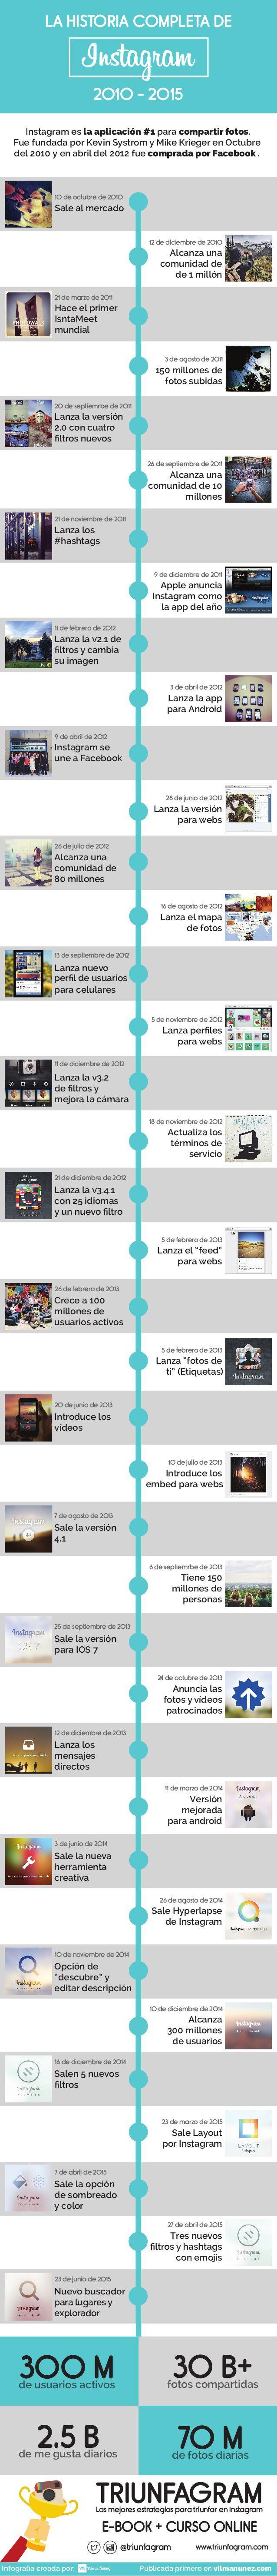 Historia Completa De Instagram Infografia Infographic Socialmedia Tics Y Formación